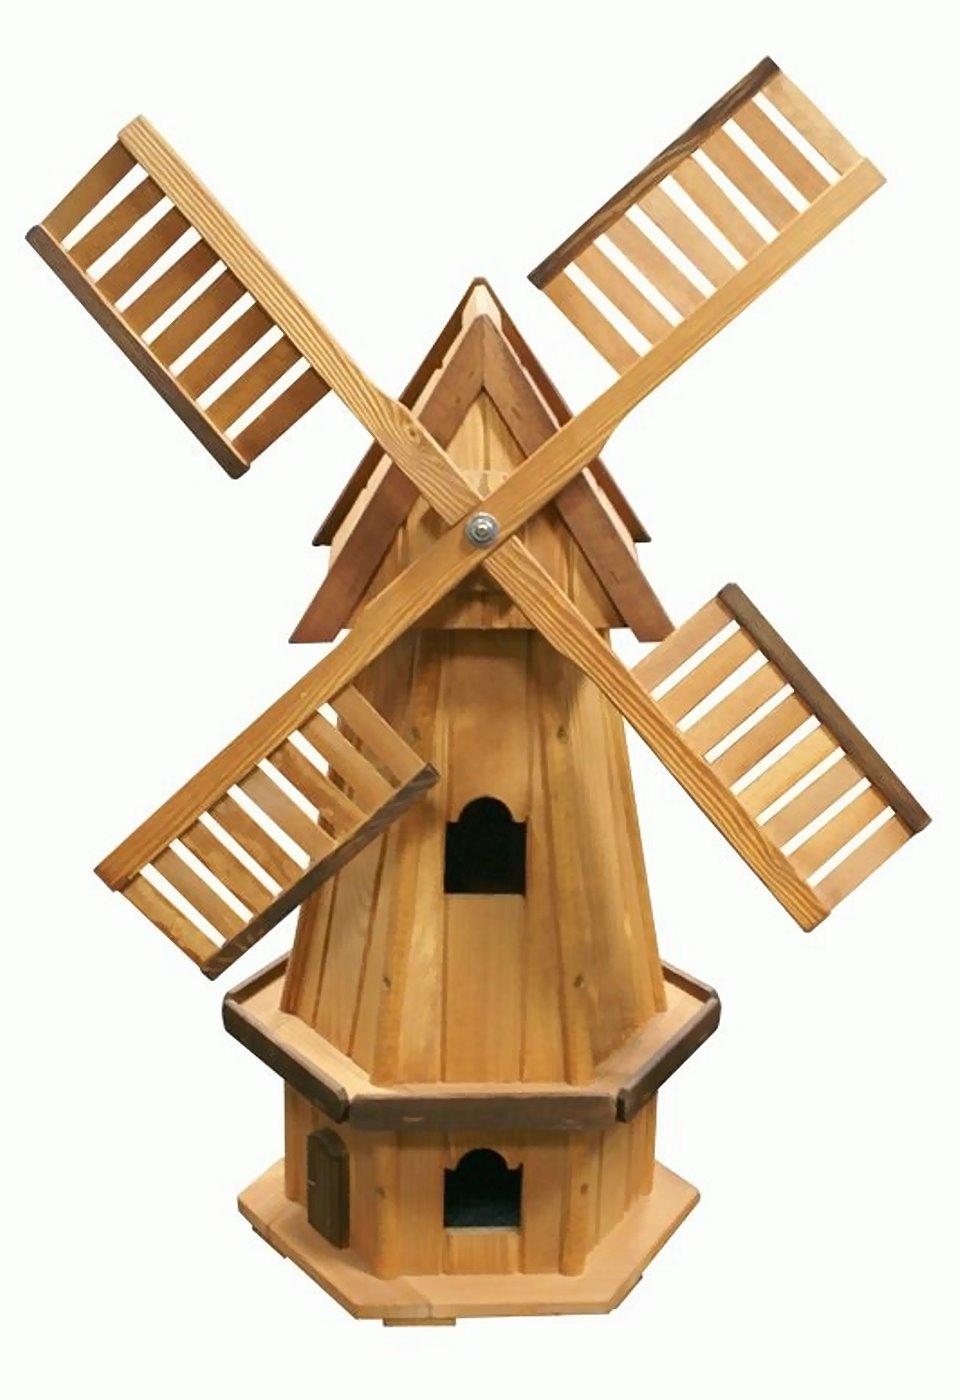 holz windm hle 6eckig 100cm m hle windspiel windrad garten. Black Bedroom Furniture Sets. Home Design Ideas